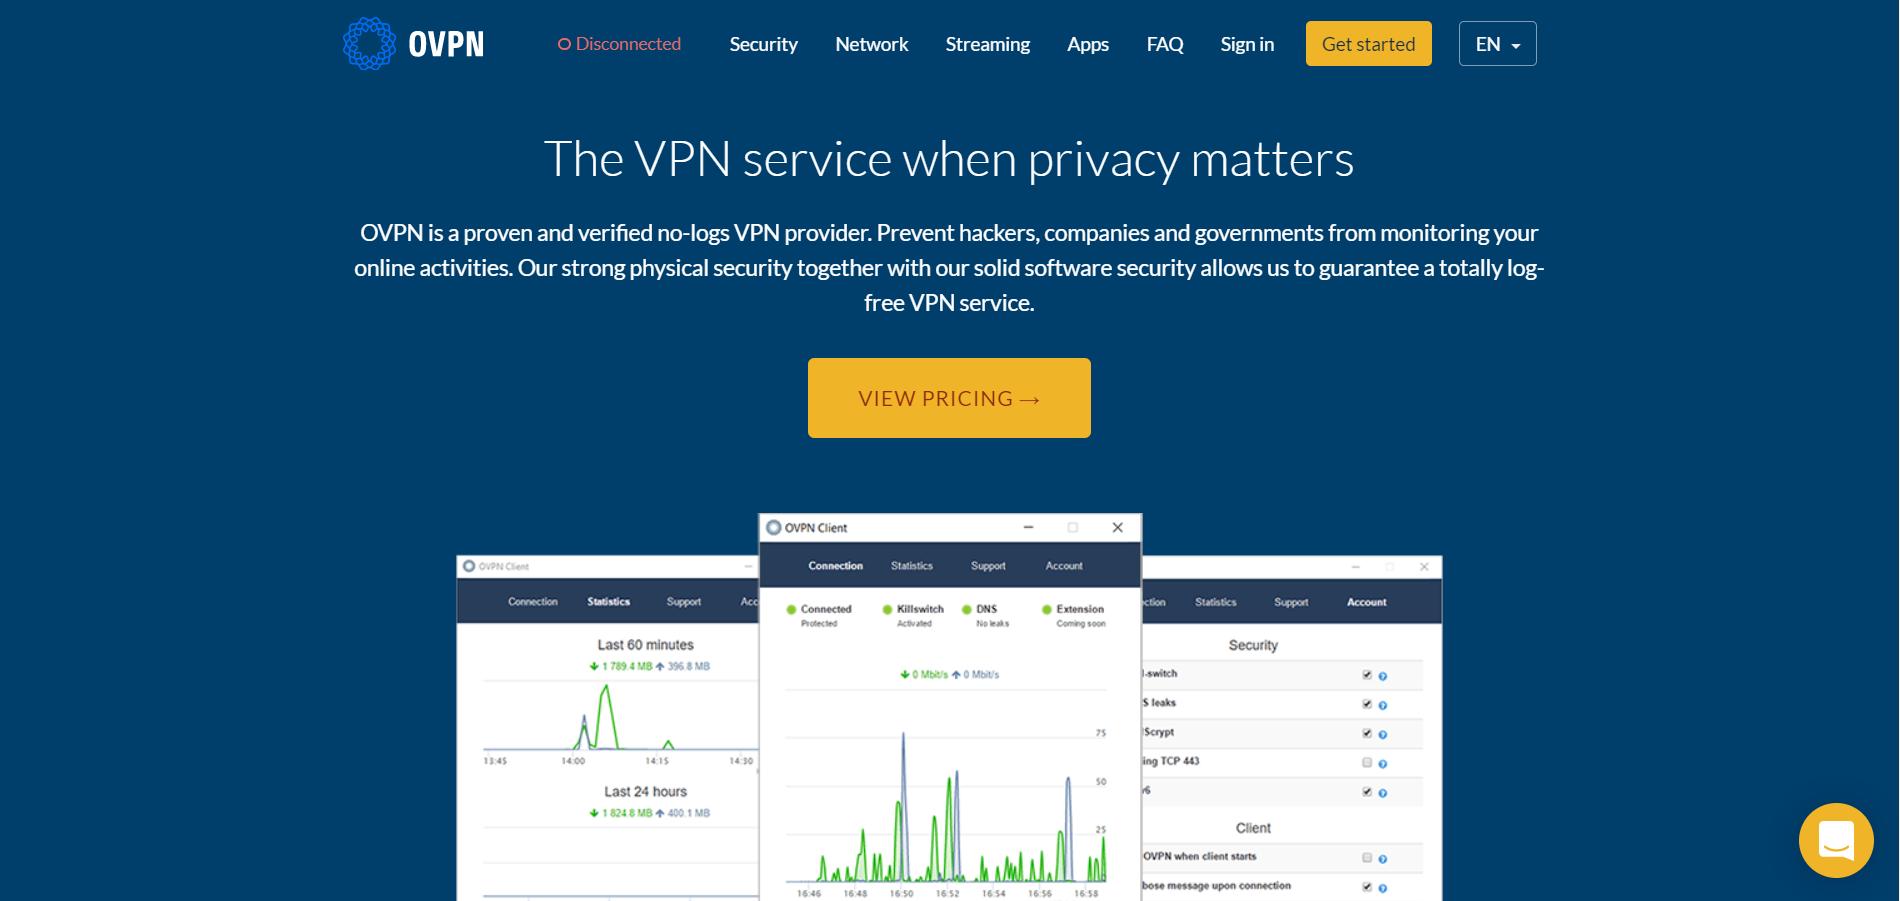 OVPN-Overview